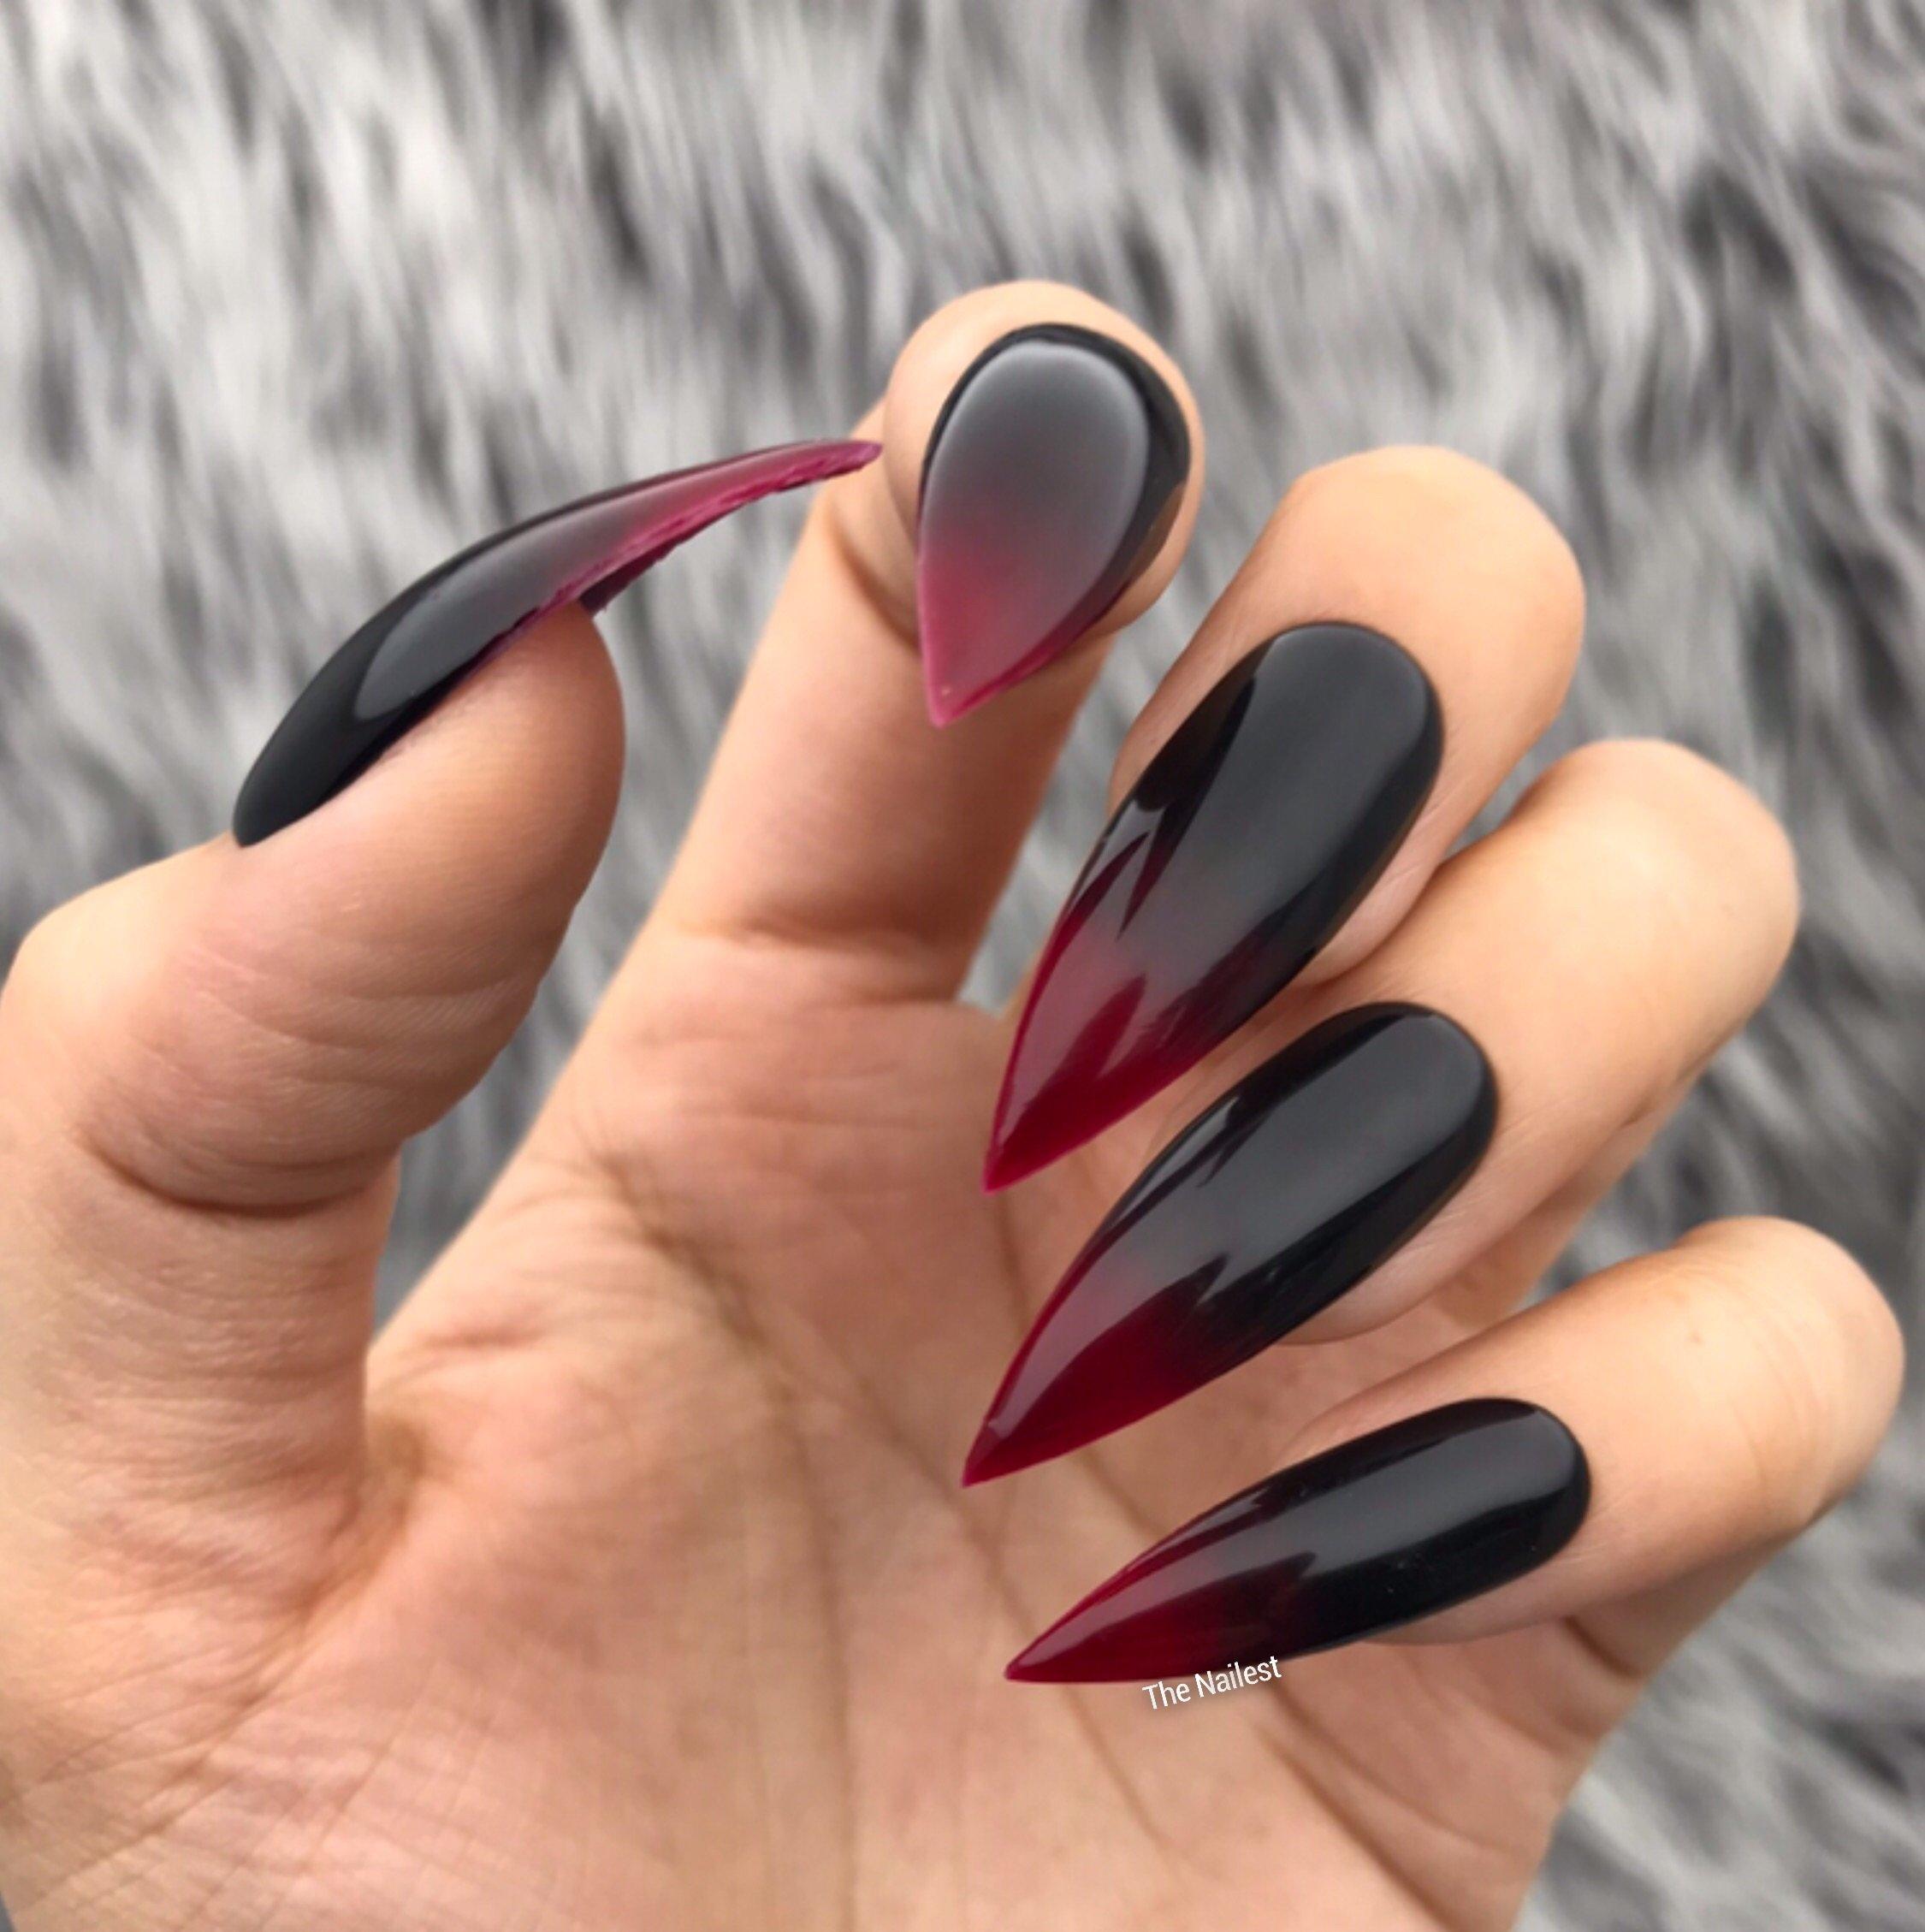 Nails Nail Designs Design Red Black White Fire Checker Coffin Love Multi Checkered Nails Cute Red Nails White Nail Designs